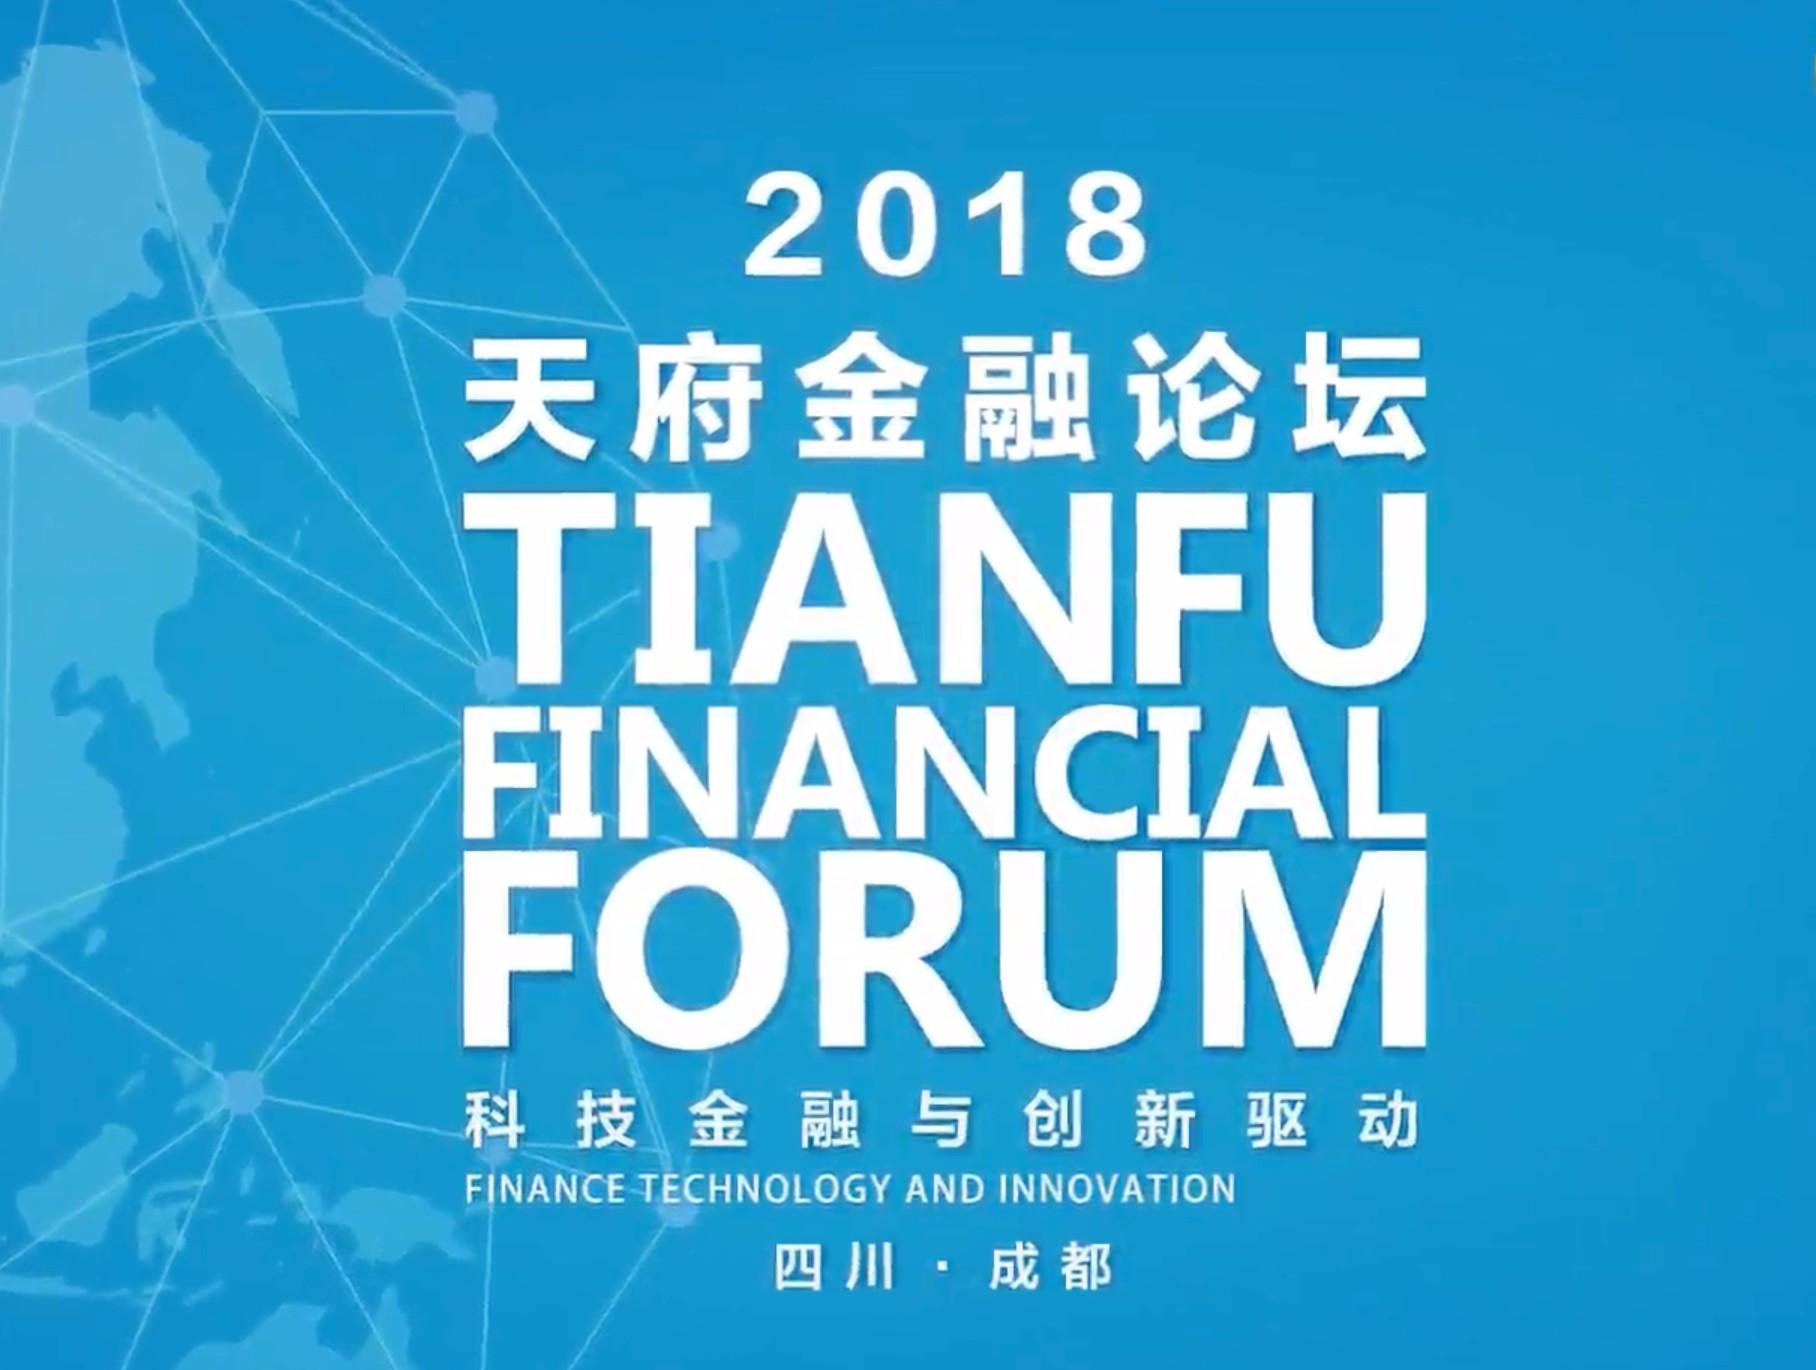 重磅预告片:2018天府金融论坛本月25日将在成都开幕